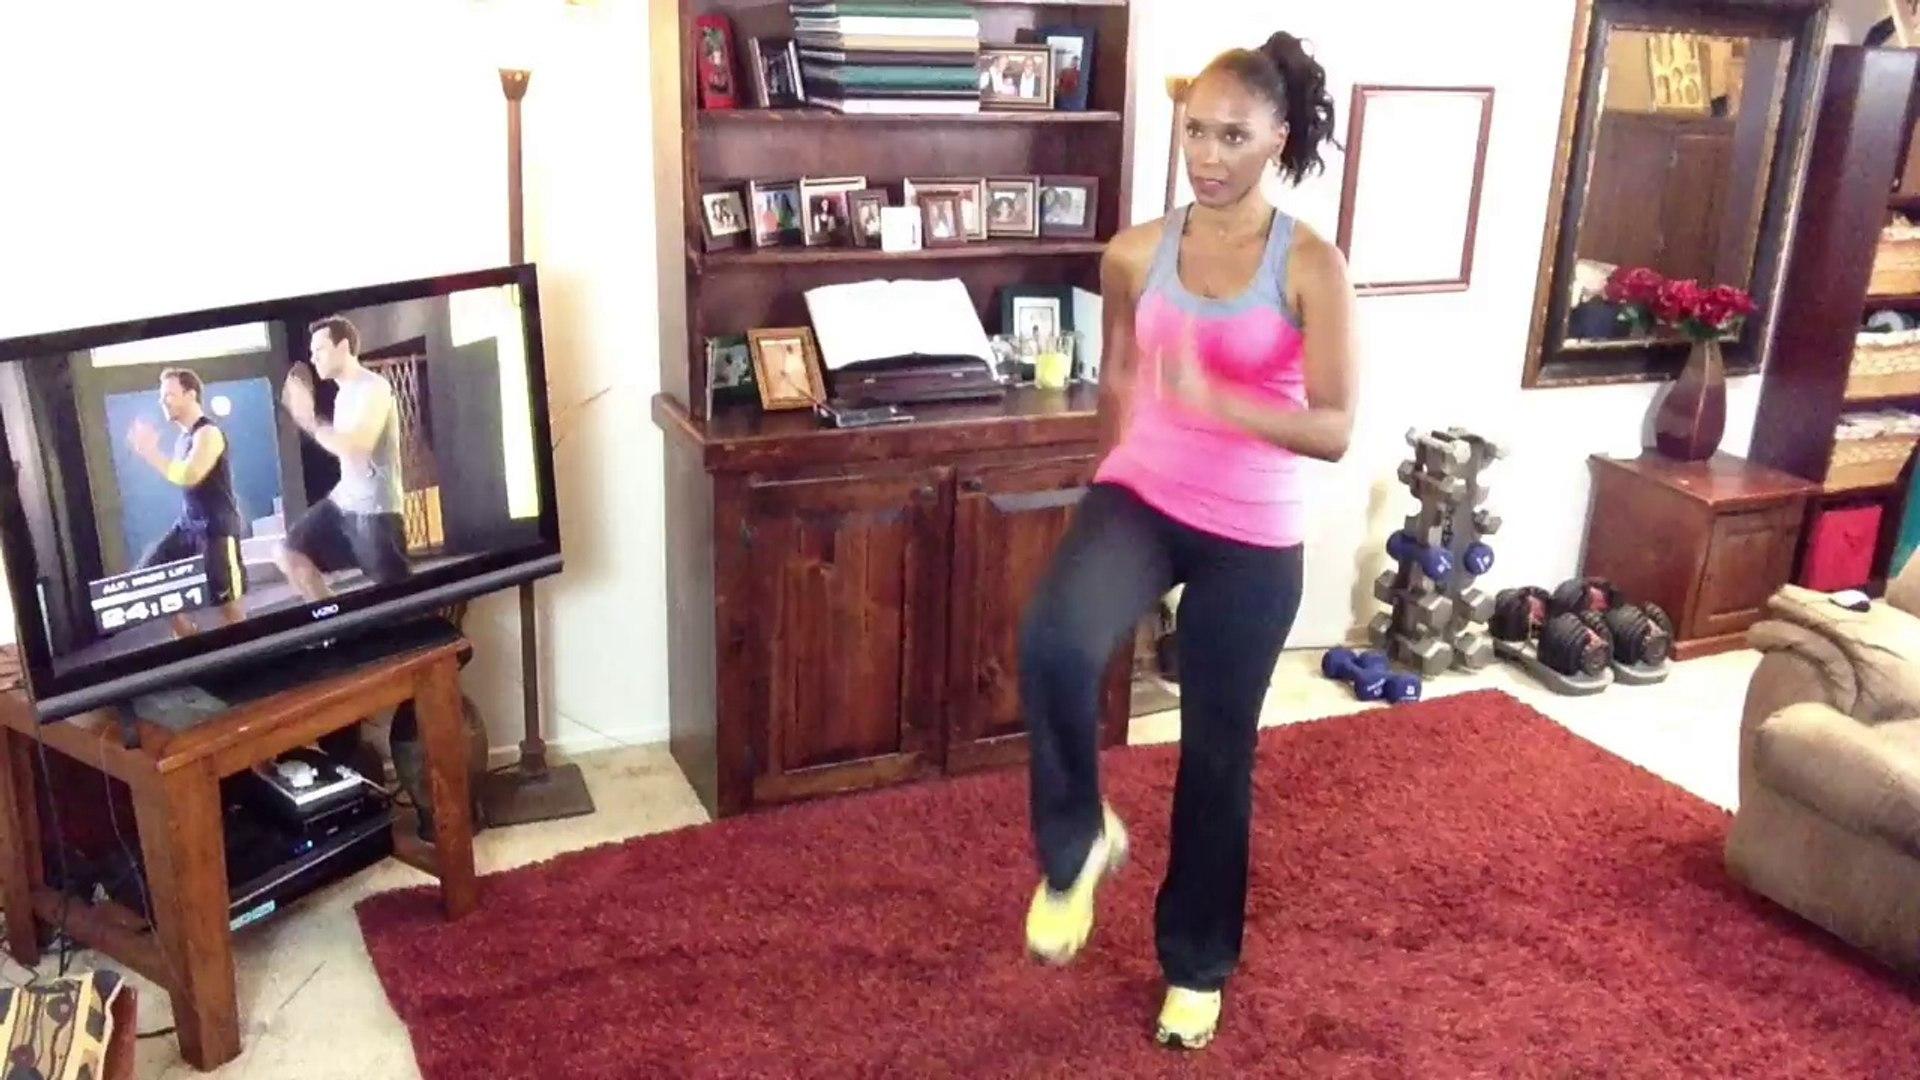 shaun t focus t25 workout dvd free download